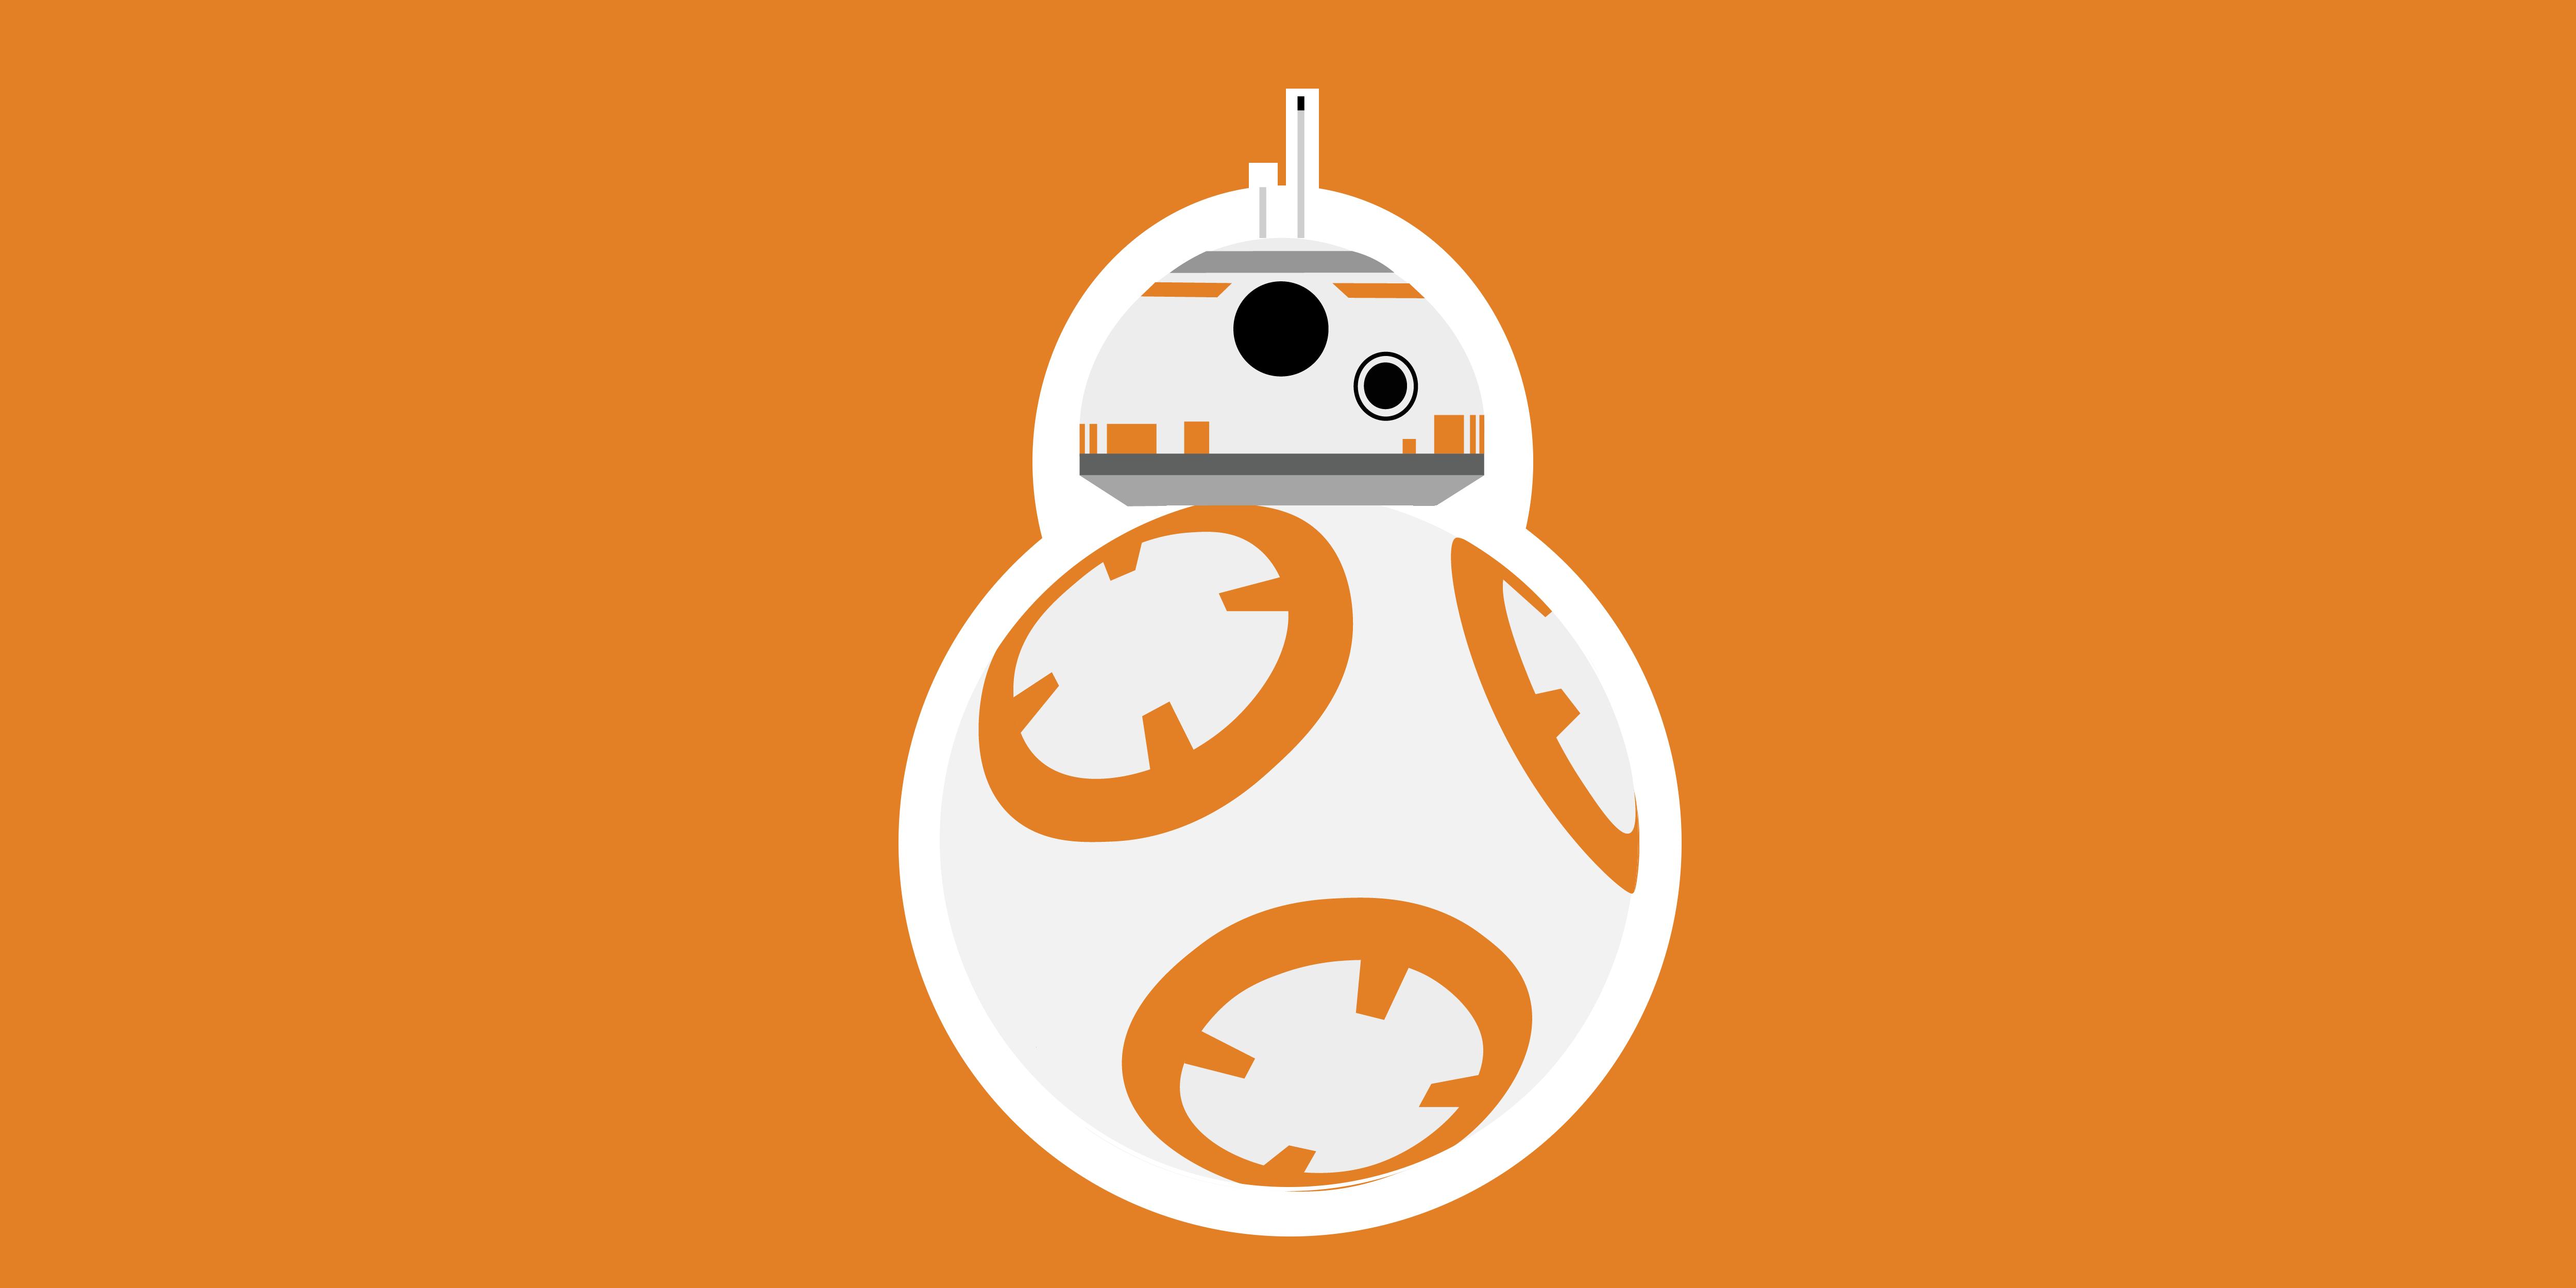 Star Wars BB-8 Wallpaper by BannanaPeel